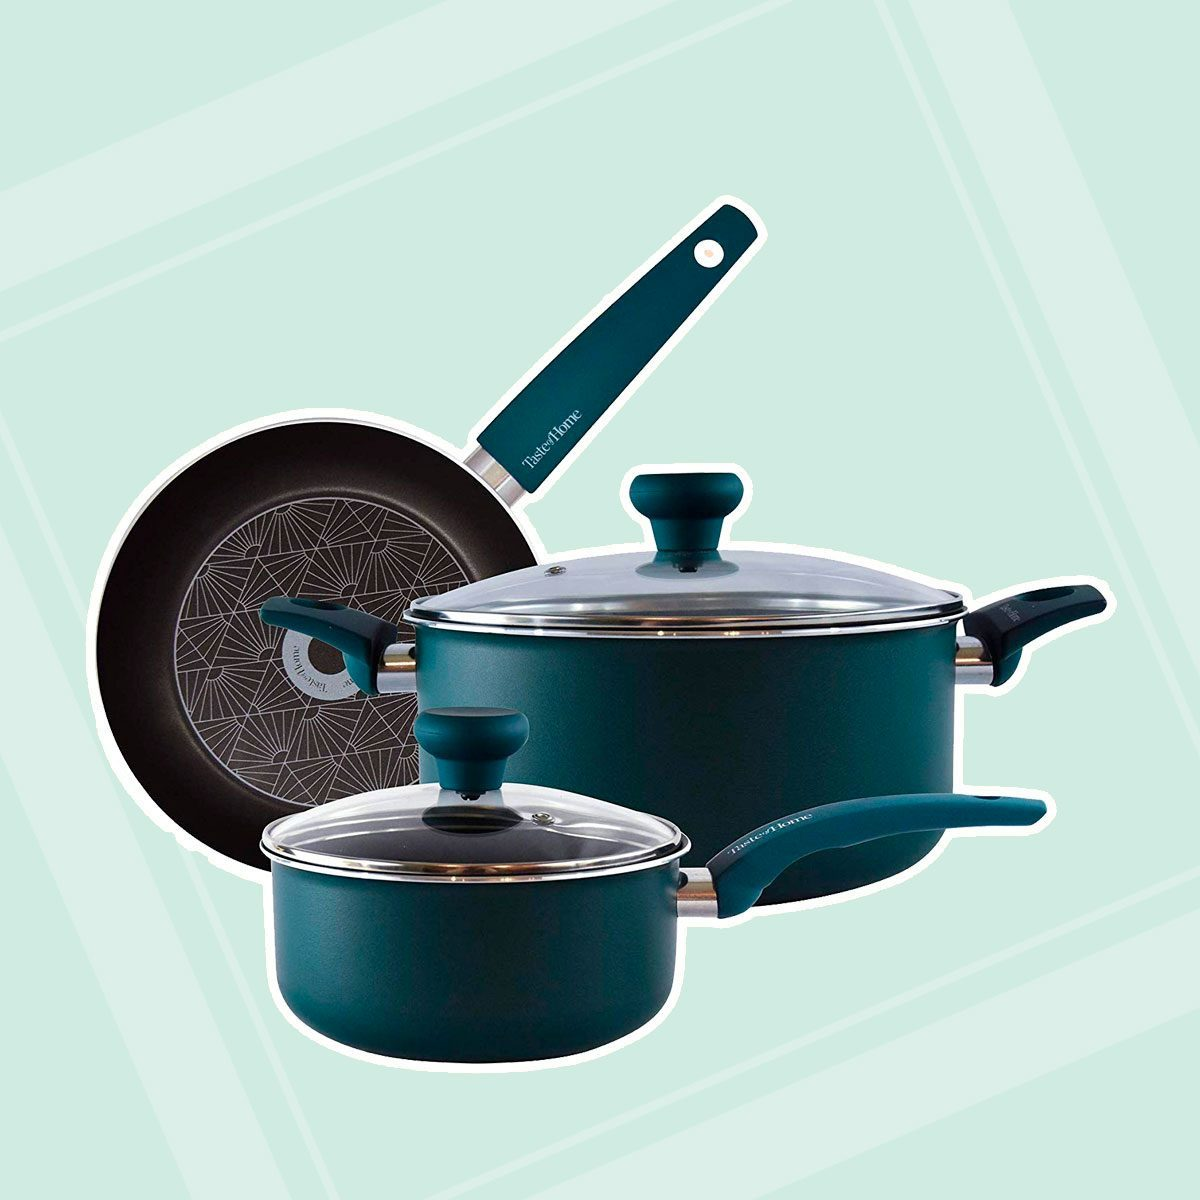 5-Piece Cookware